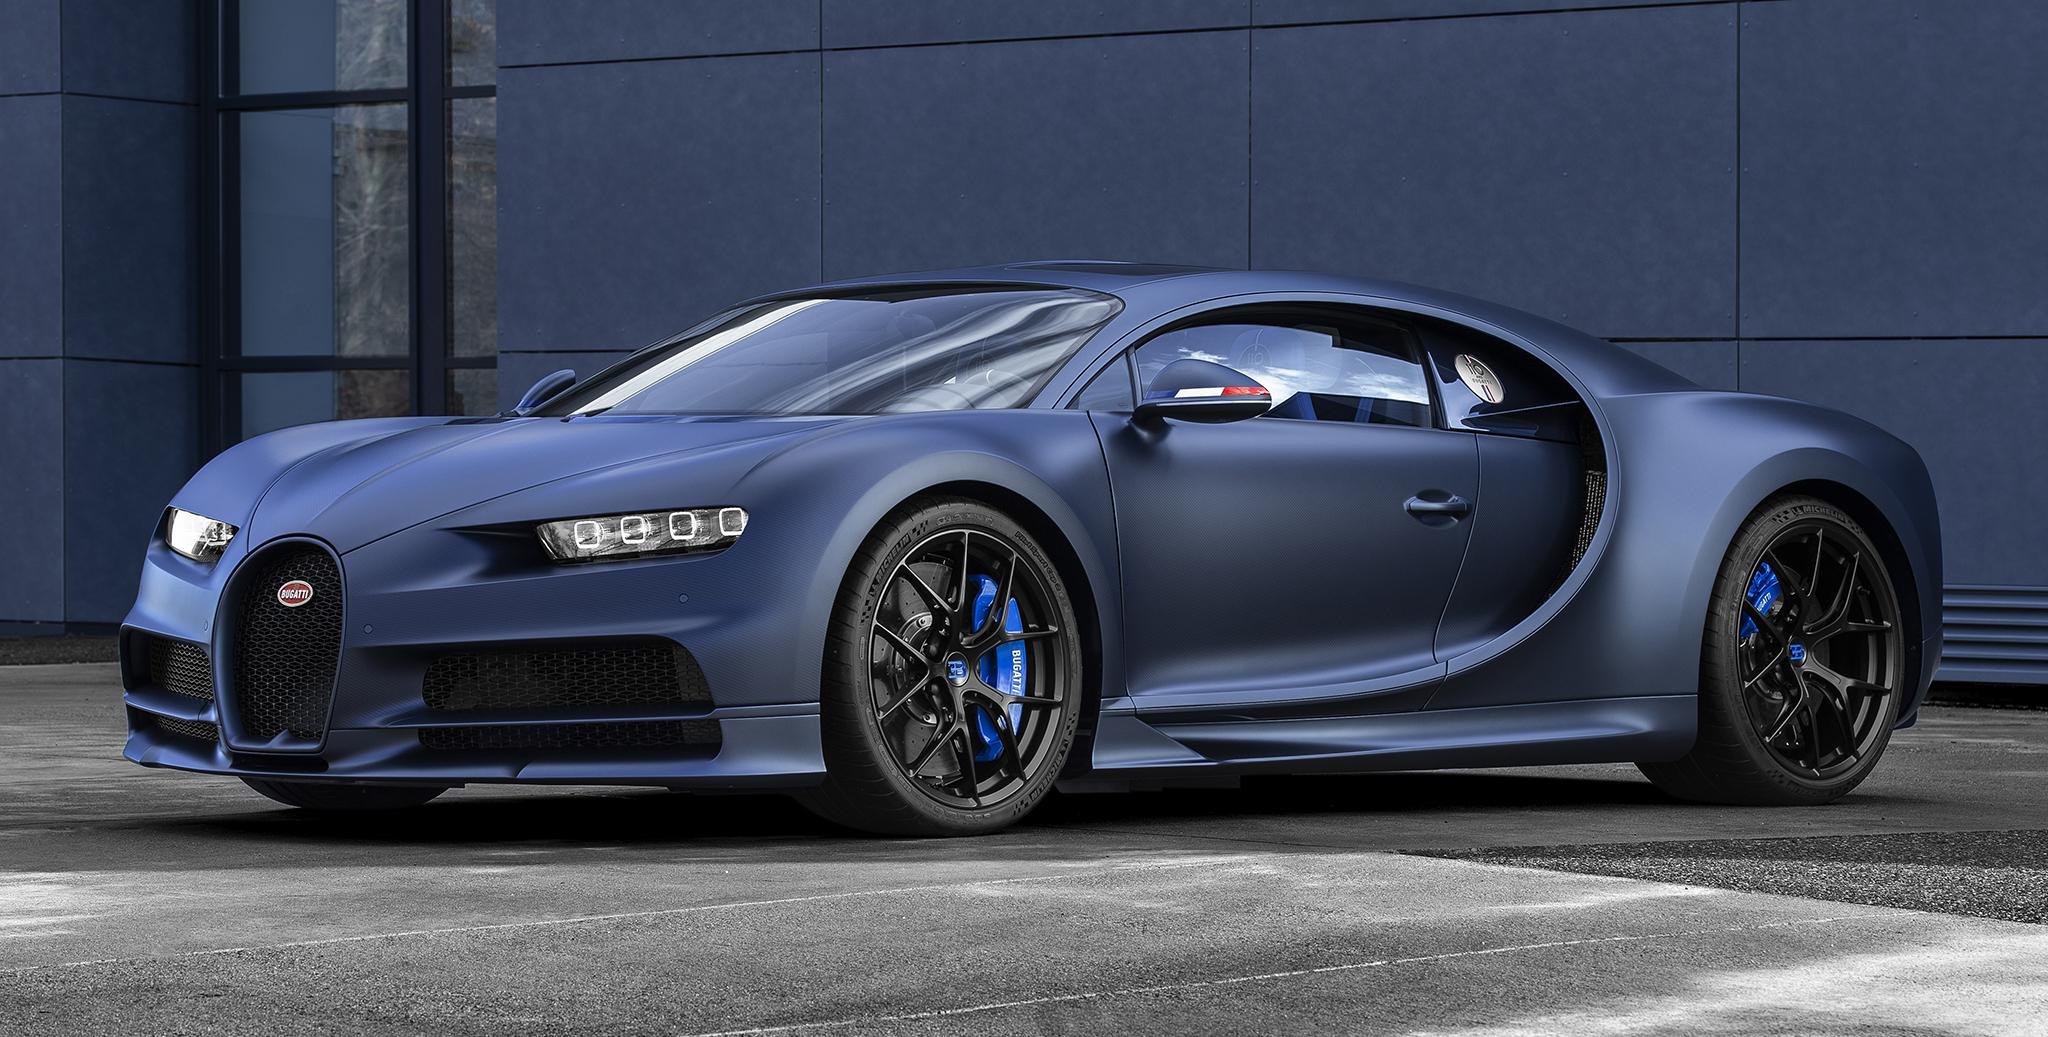 Bugatti Chiron phiên bản kỉ niệm sản xuất chỉ 20 chiếc